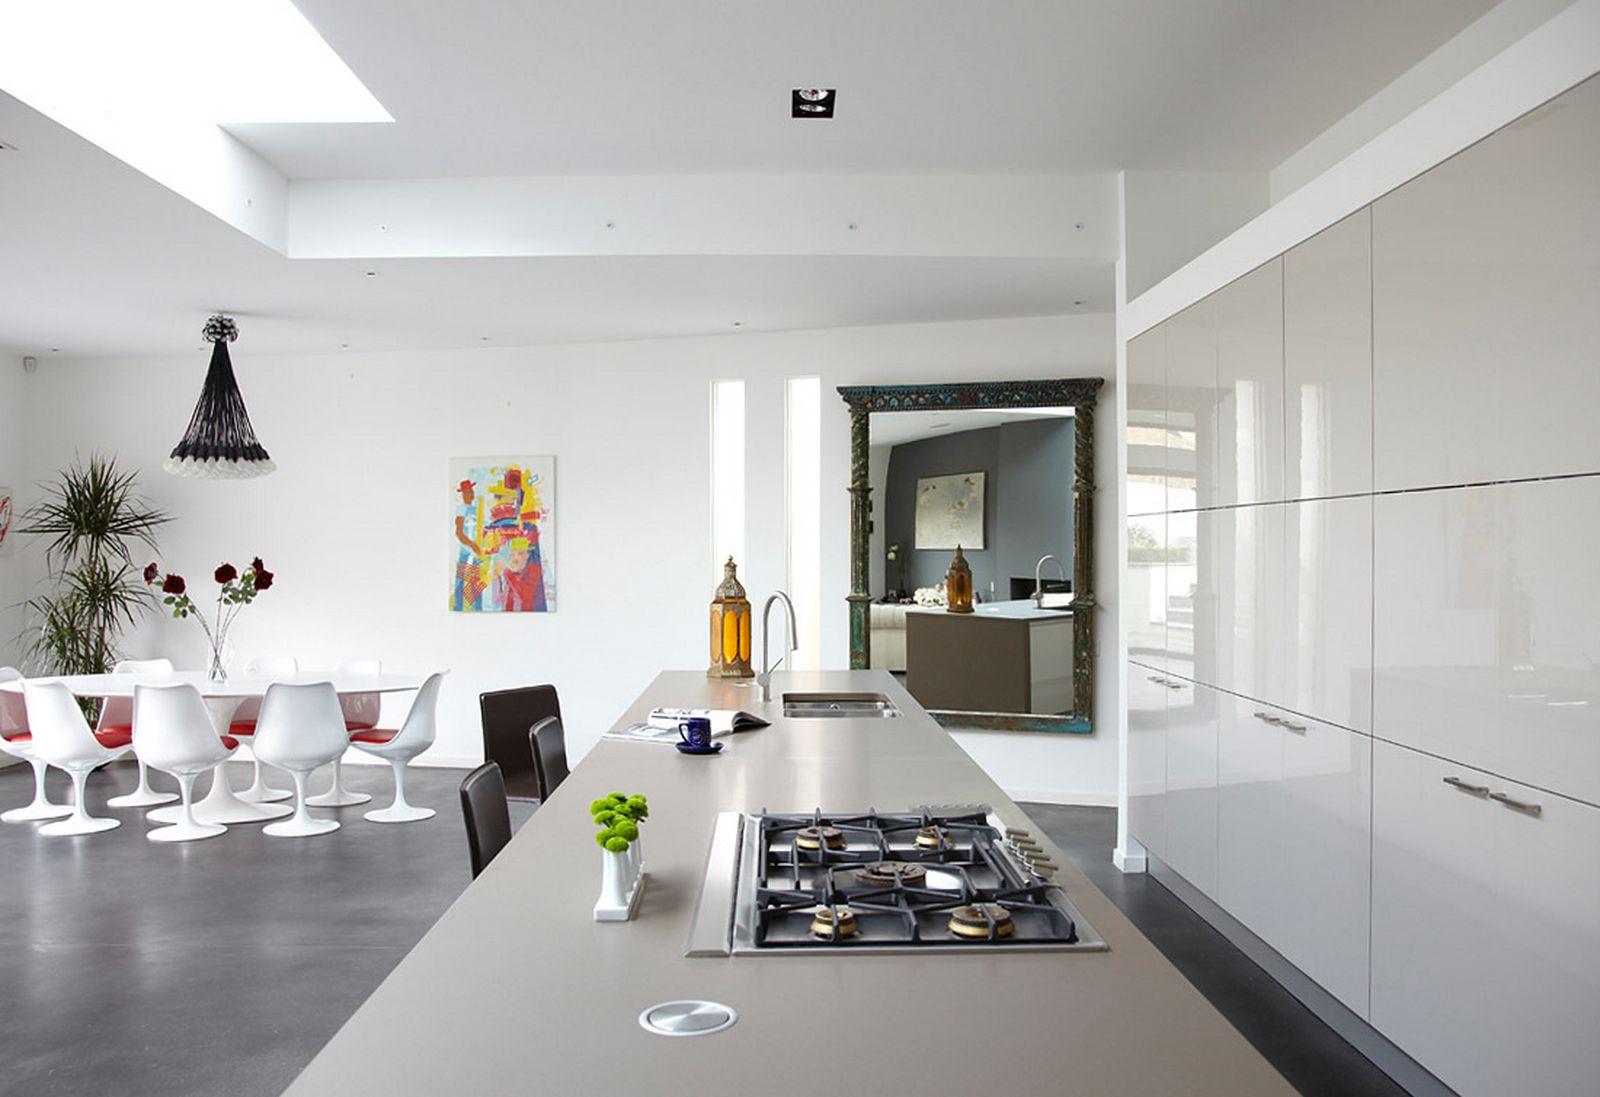 inspiration kitchen interior layout